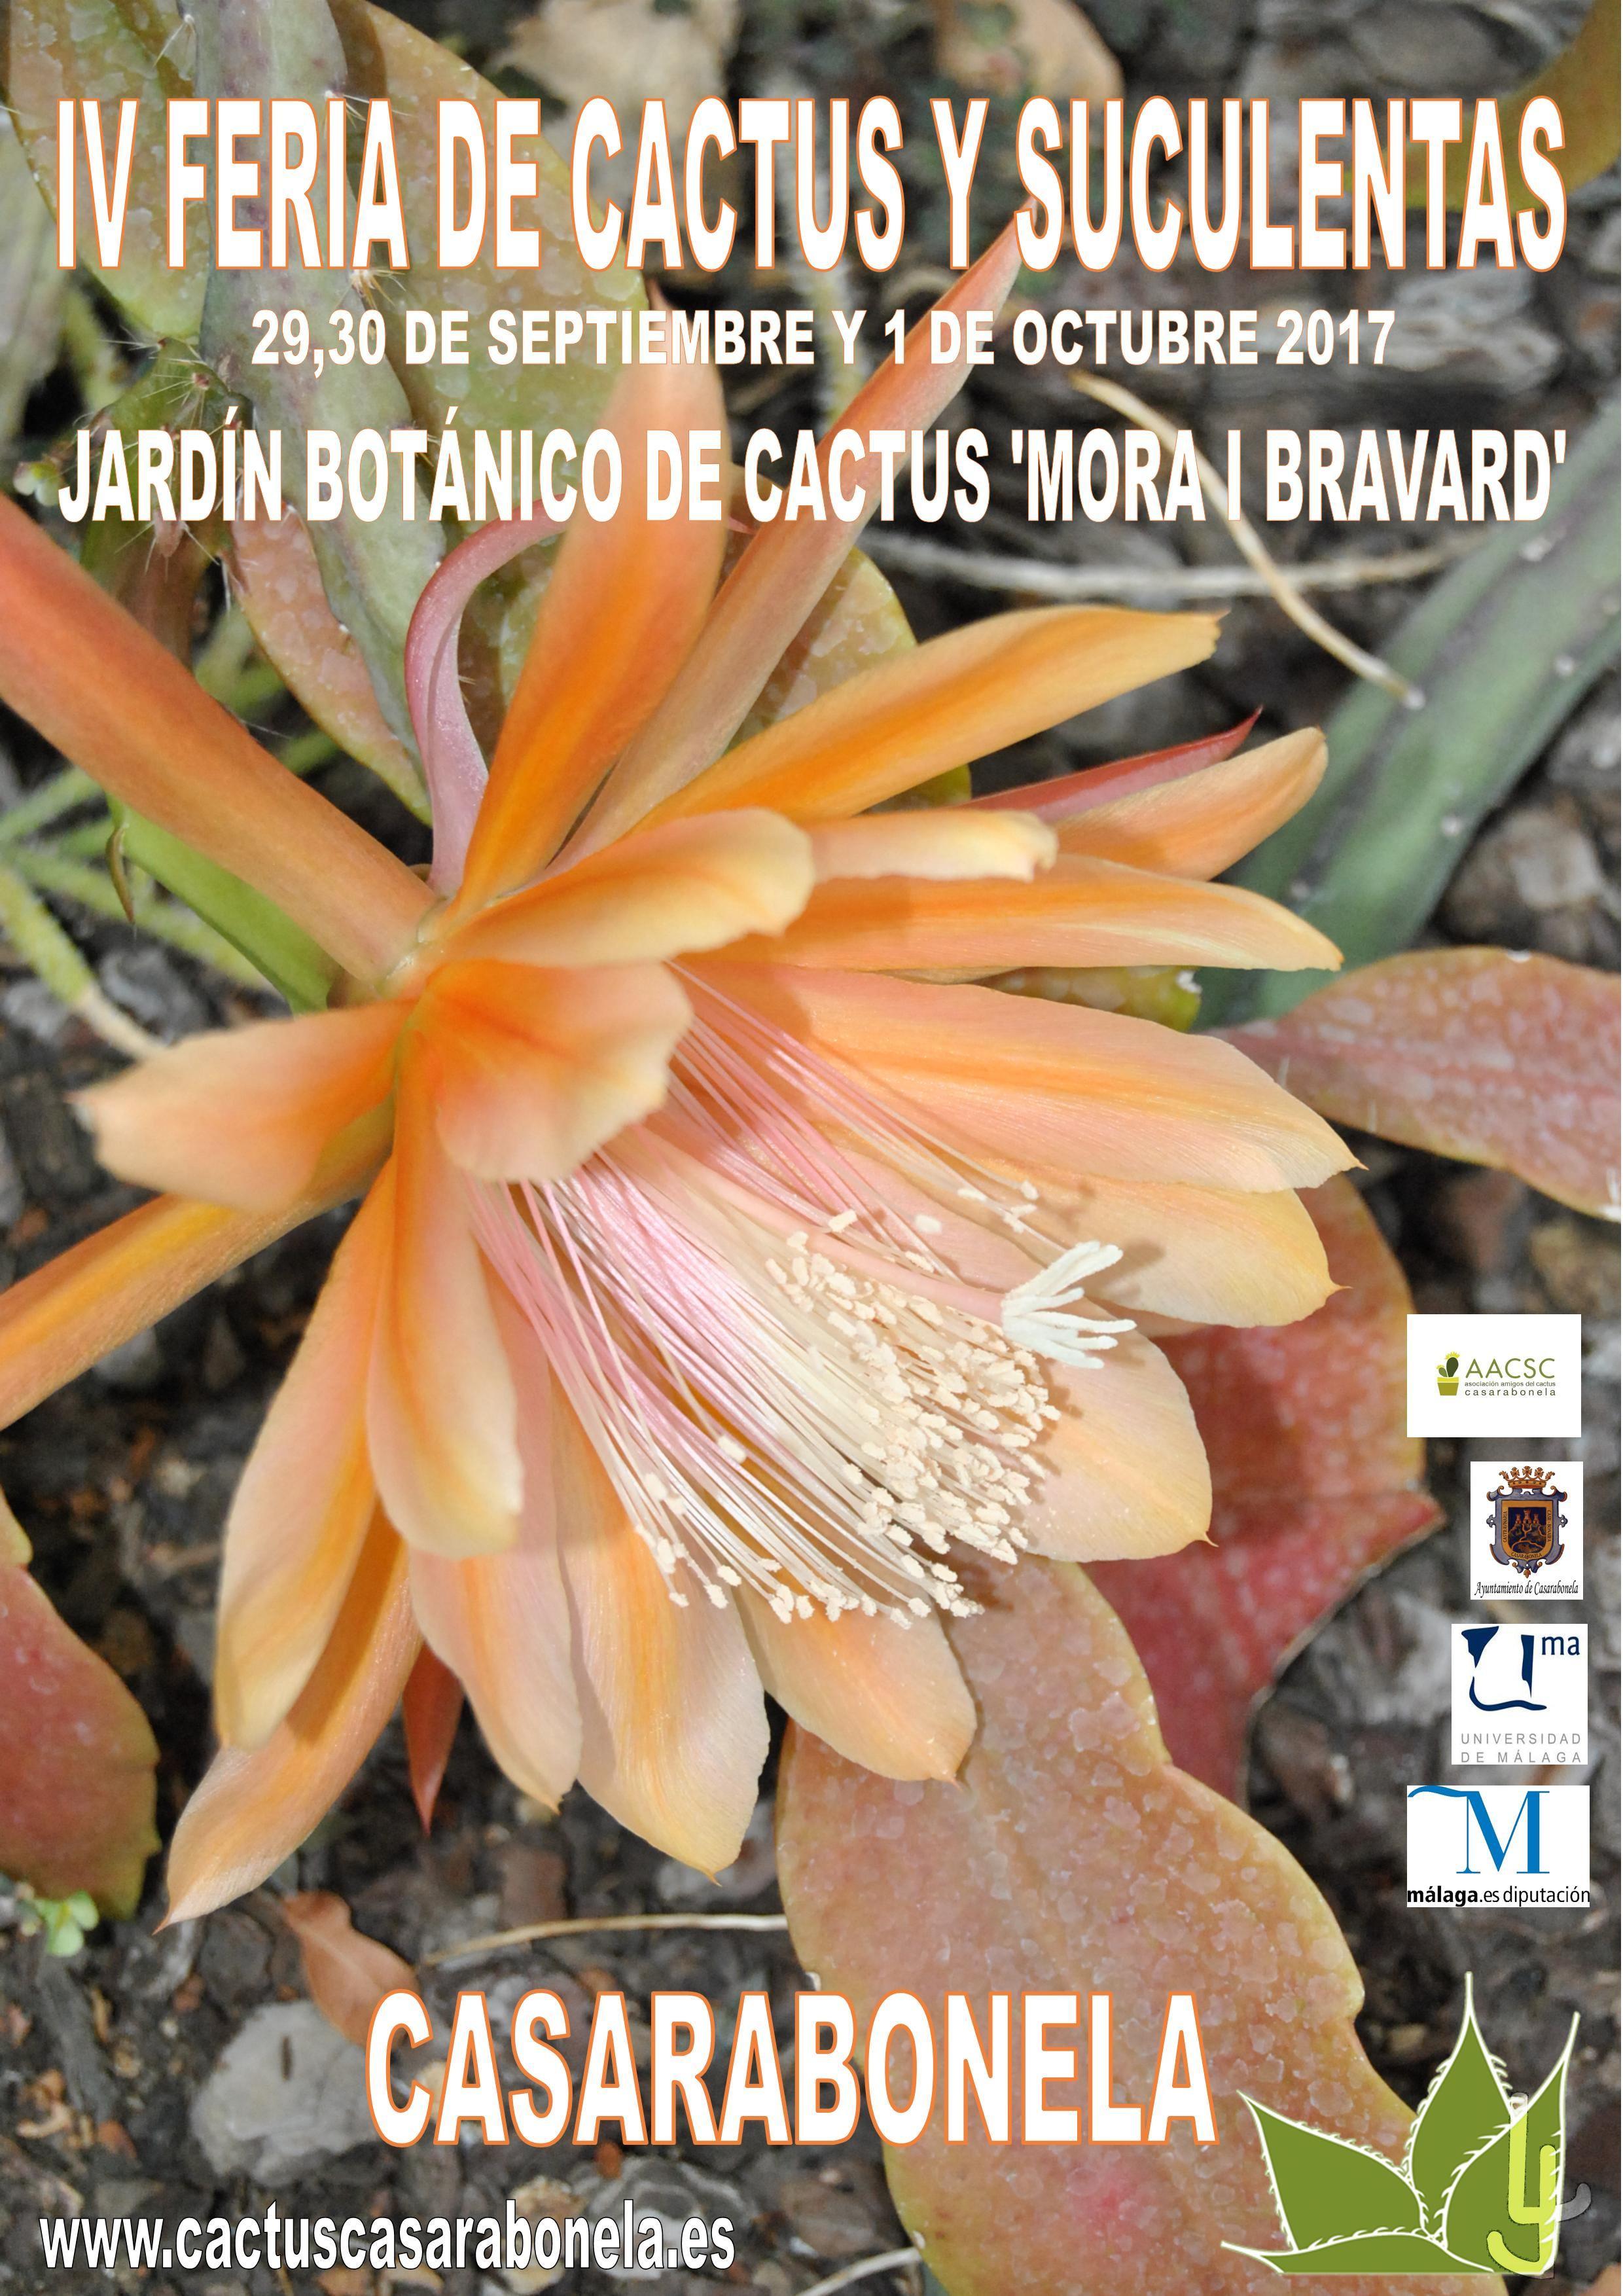 IV Feria del Cactus- Casarabonela